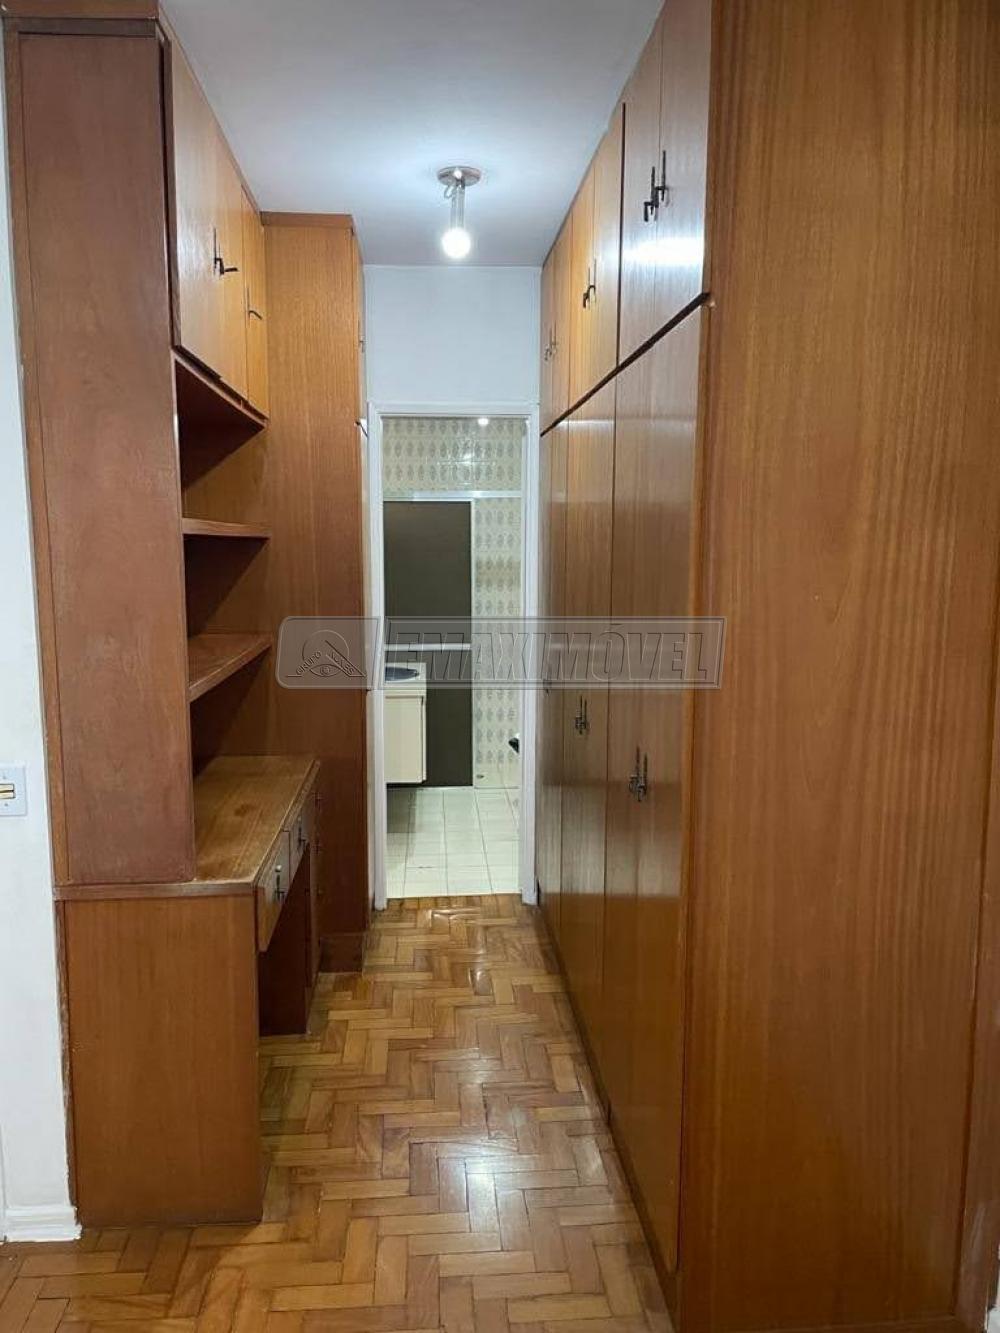 Comprar Apartamento / Padrão em Sorocaba R$ 400.000,00 - Foto 12